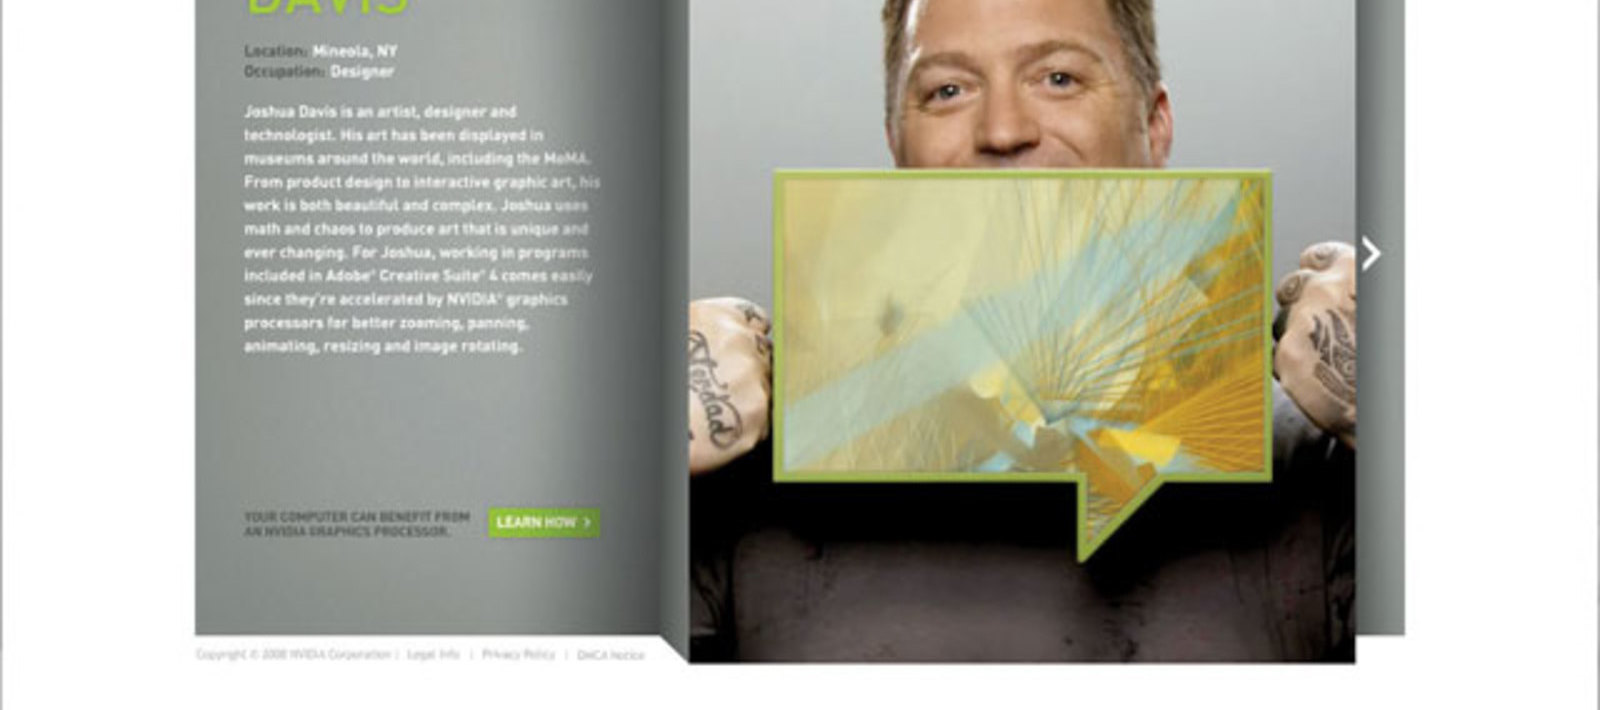 Nvidia Speak Visual site